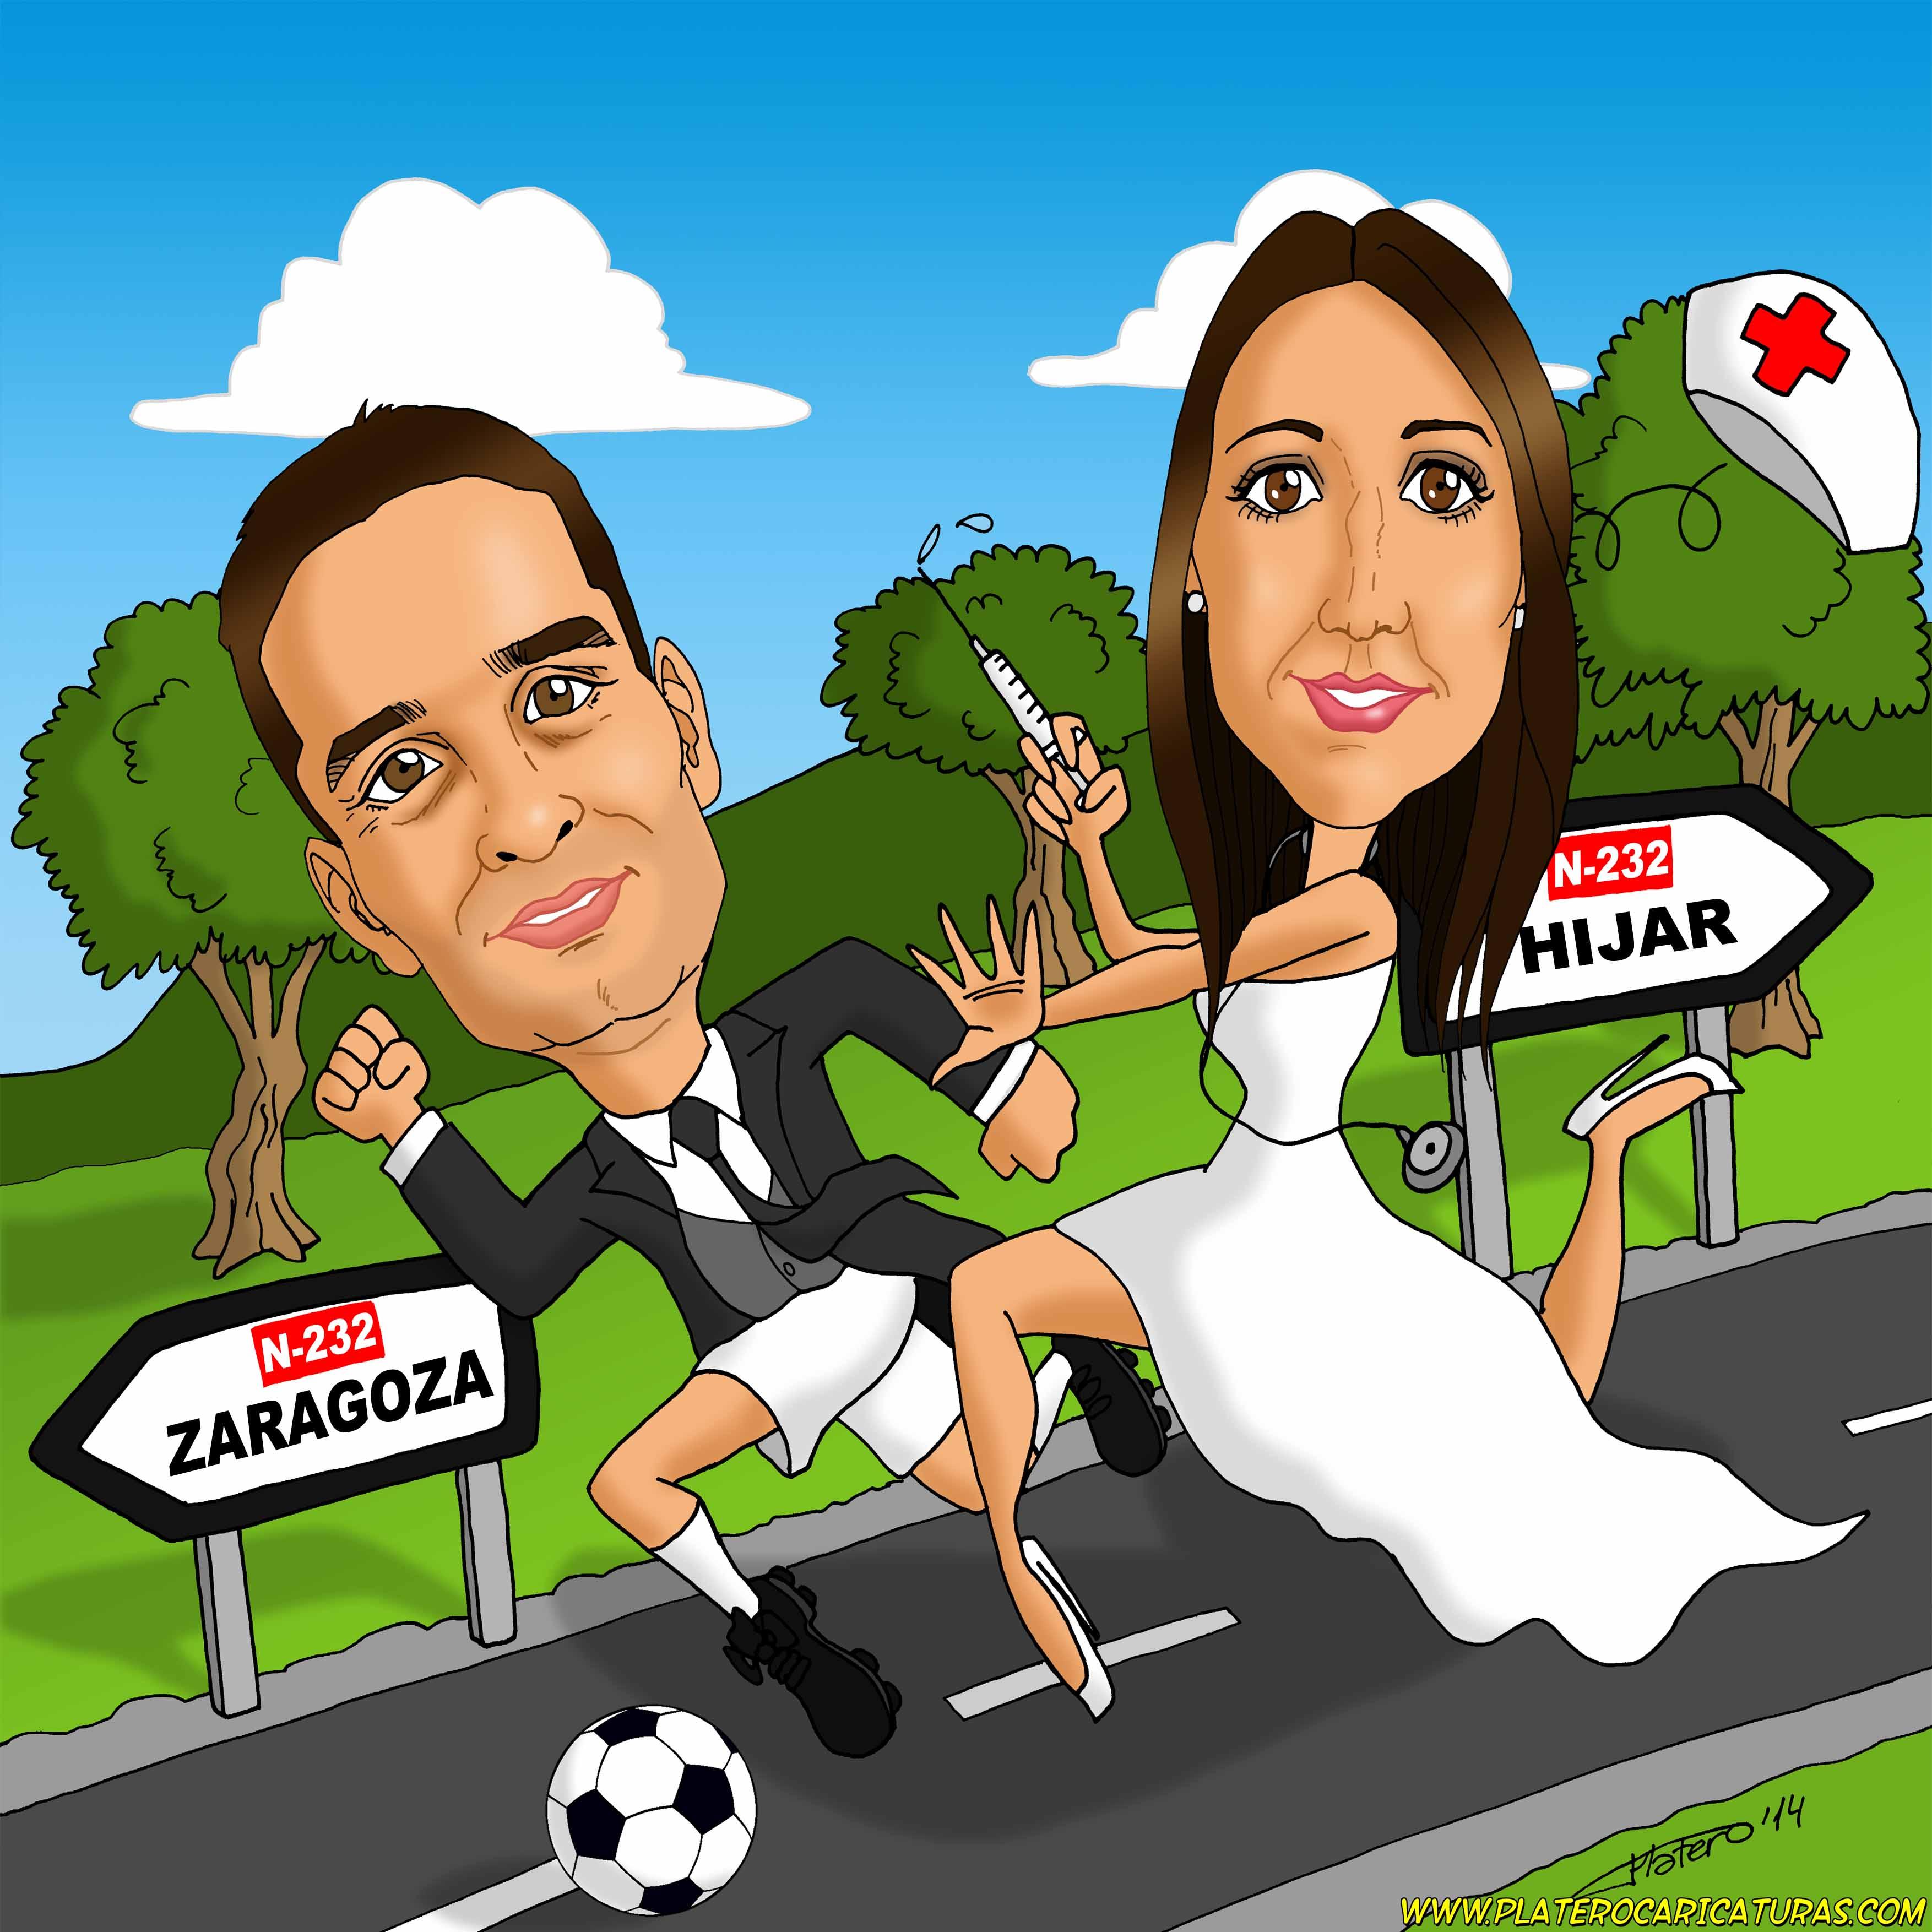 caricaturas_a_color_por_encargo_personalizadas_pareja_de_novios_corriendo_plater